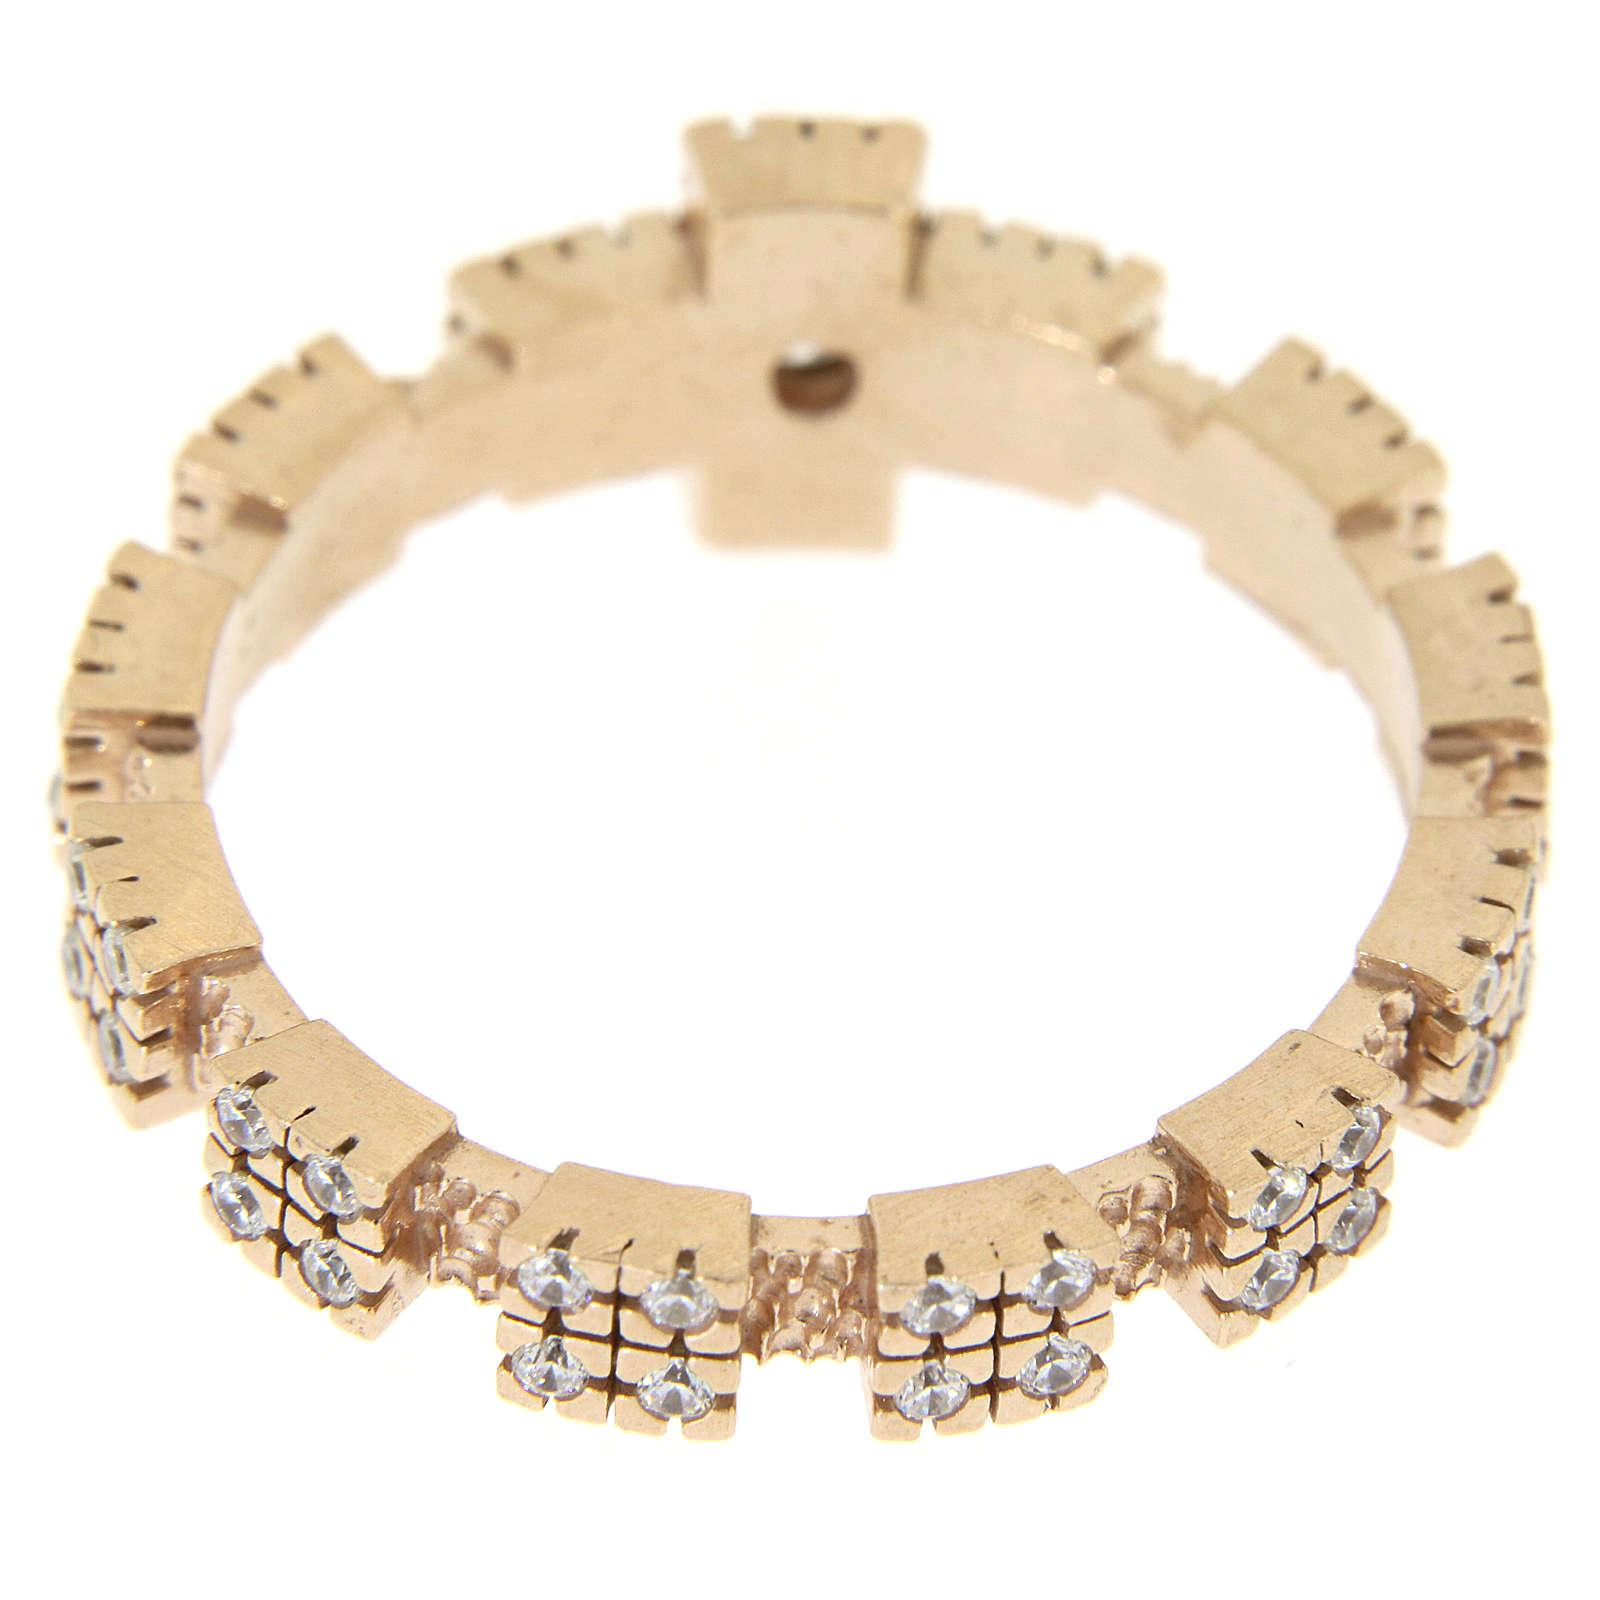 Anello rosato in argento 925 con zirconi trasparenti 3